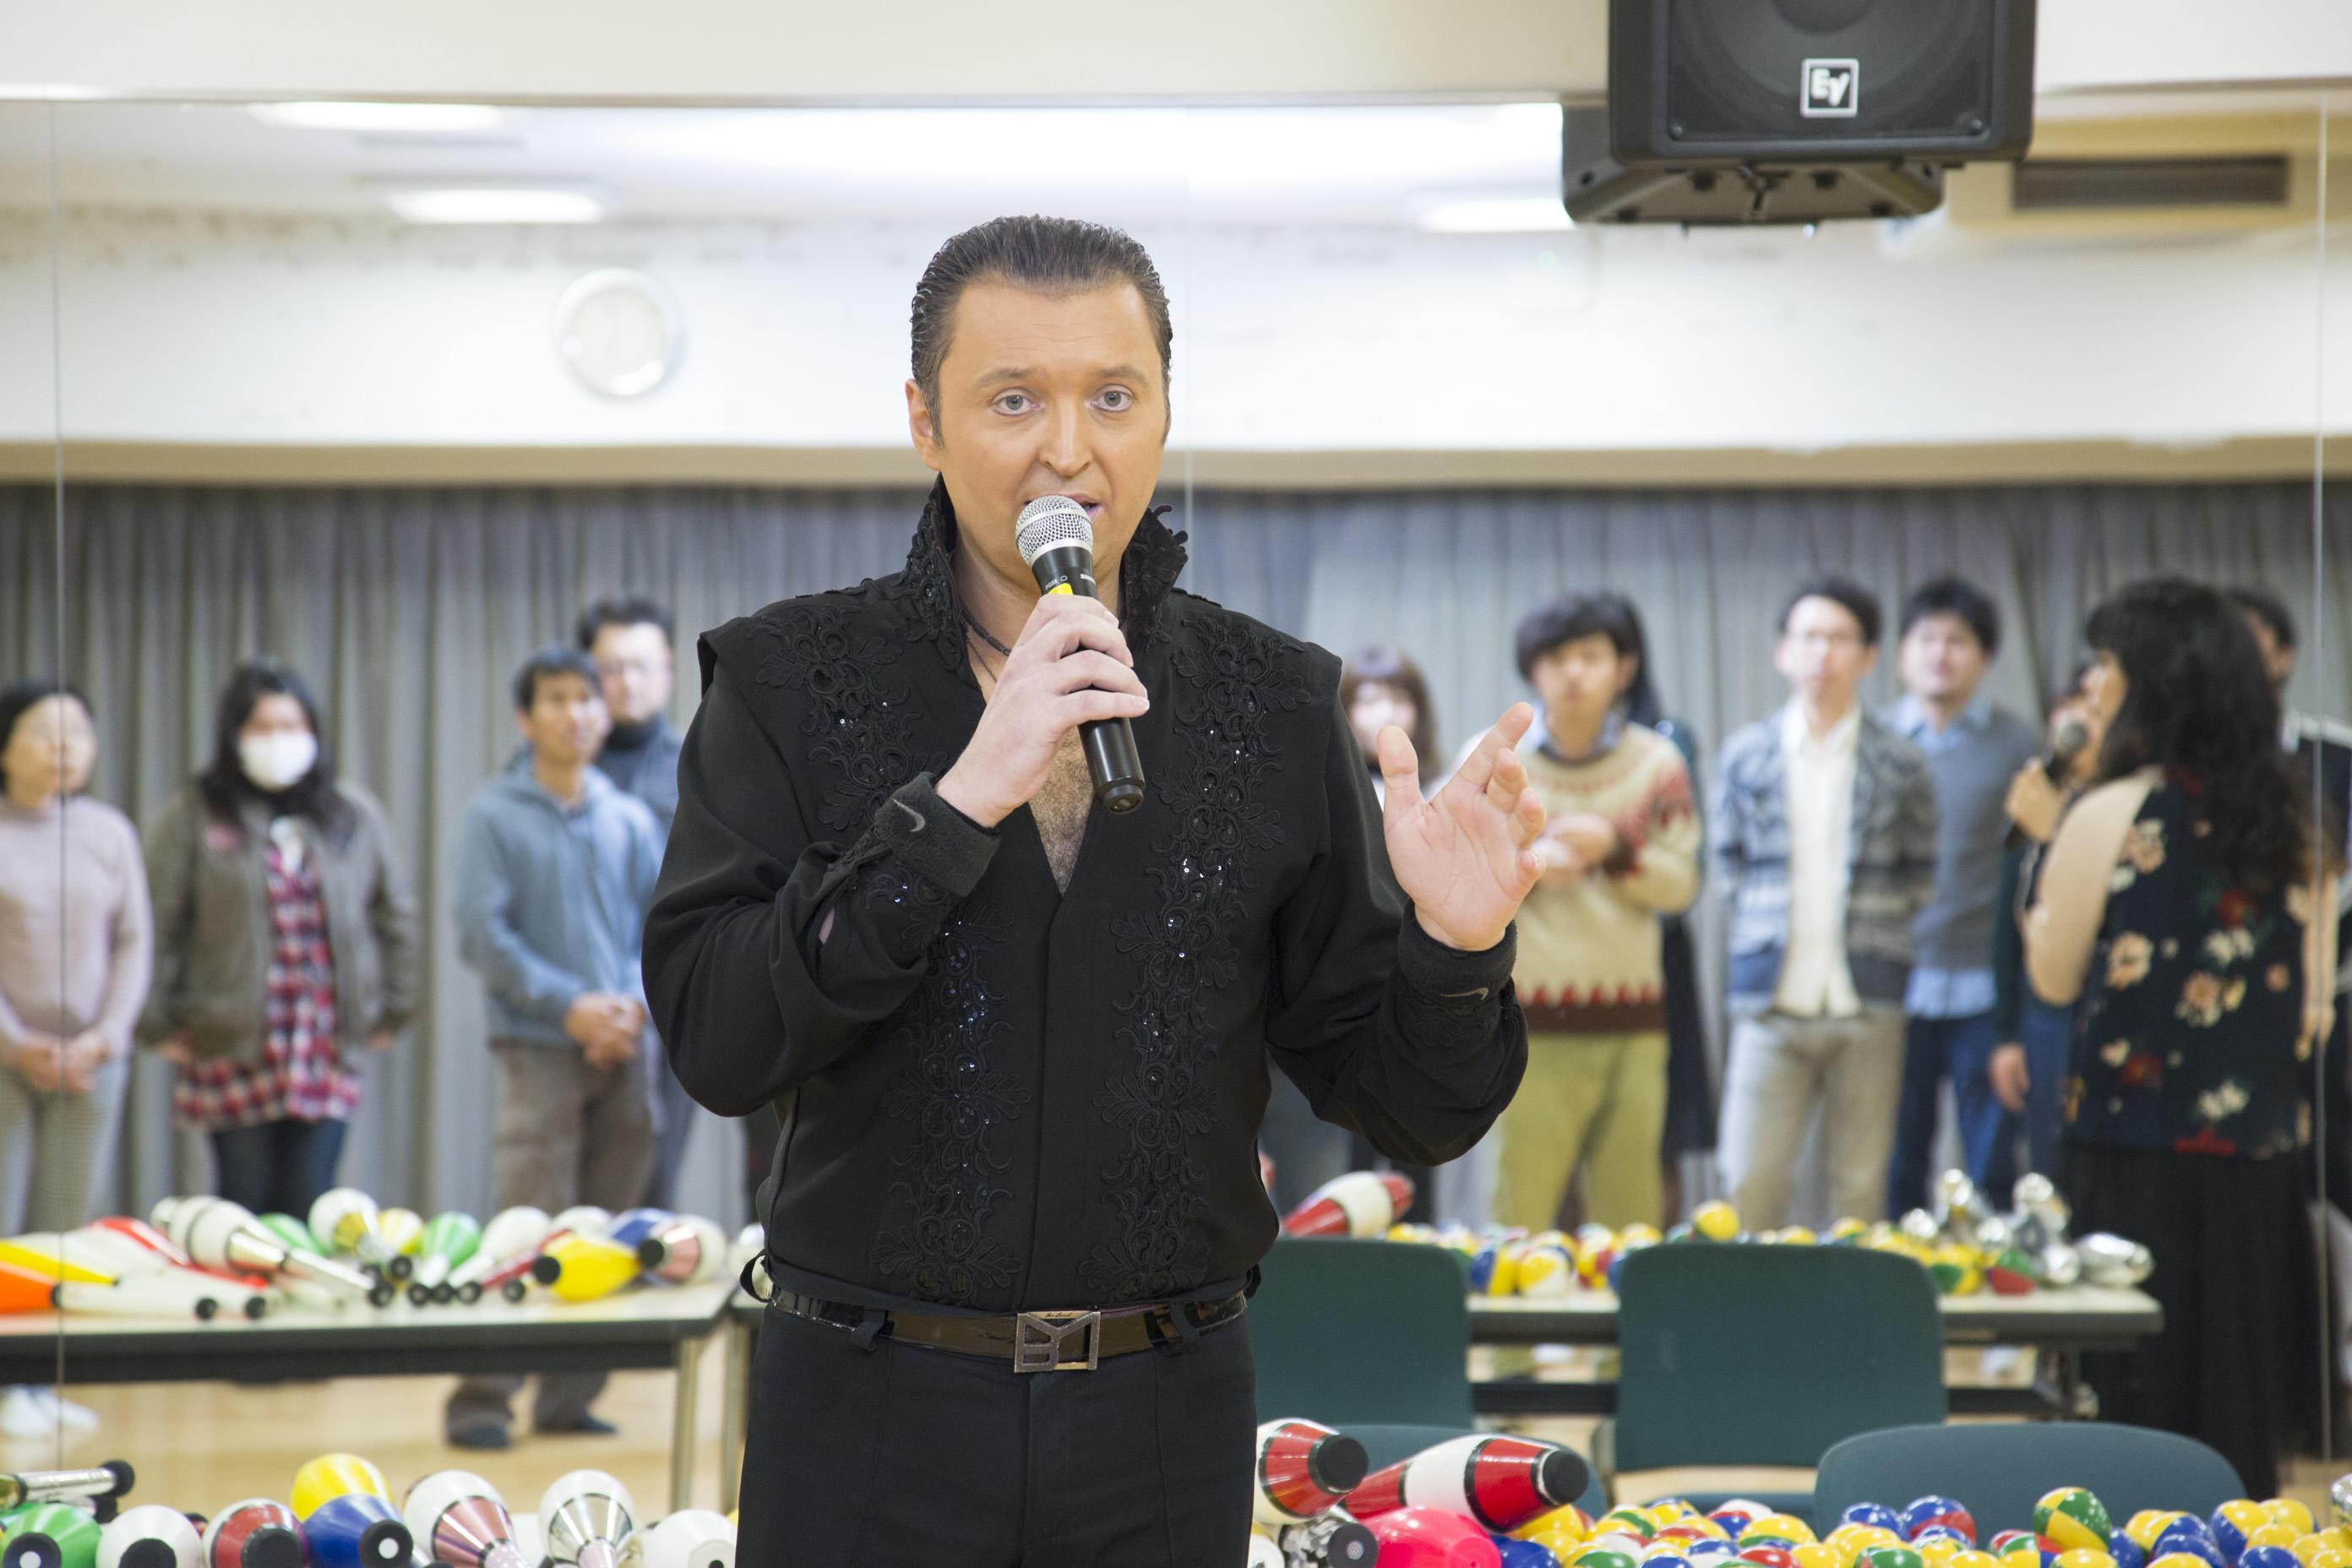 http://news.yoshimoto.co.jp/20170228164953-1202b9be7236f9800343c8c56cdb1e9d4ca0af8f.jpg